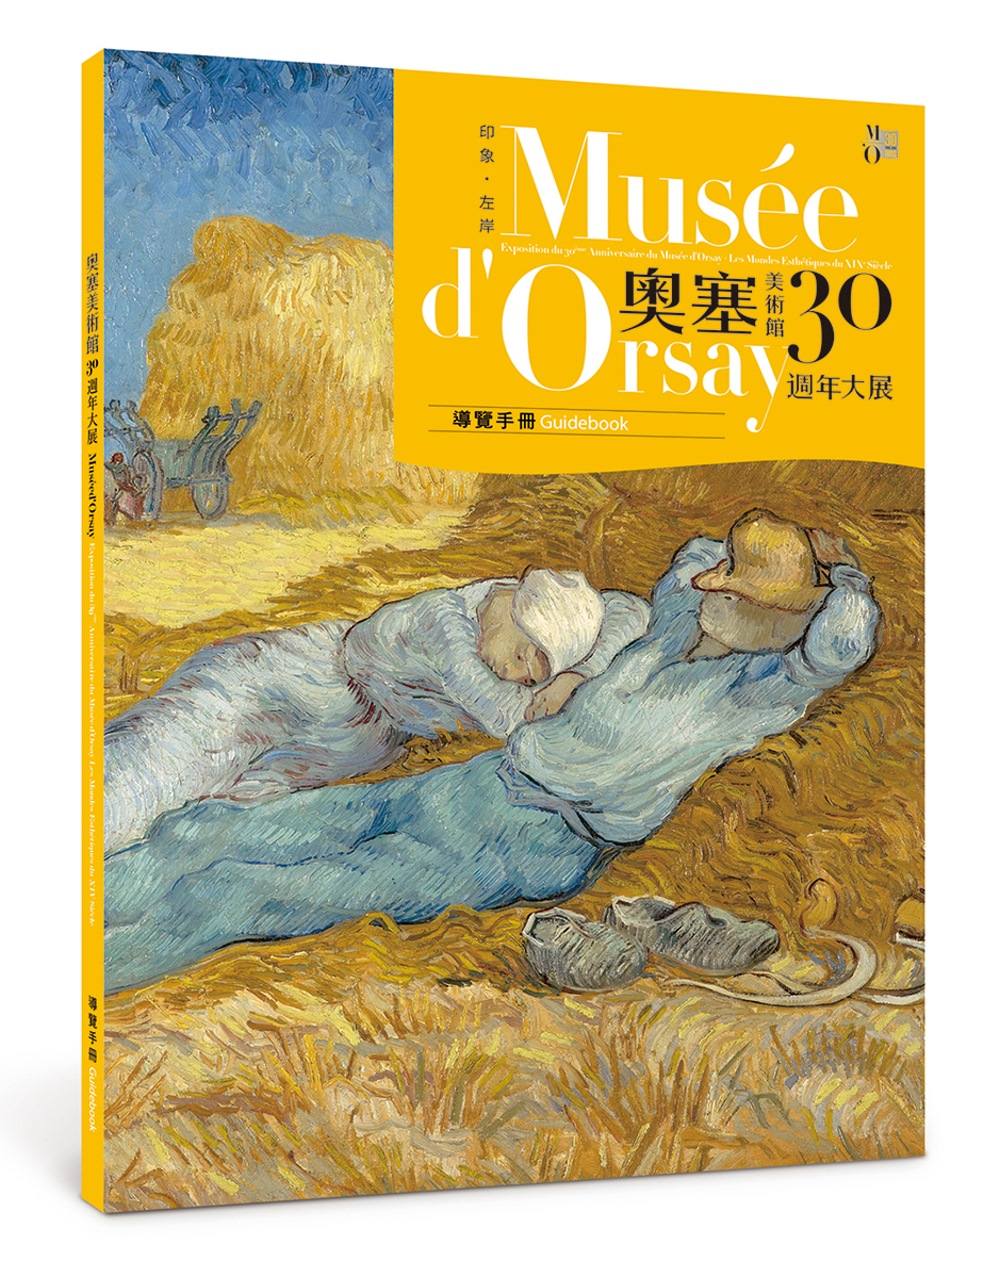 印象‧左岸:奧塞美術館30週年大展導覽手冊